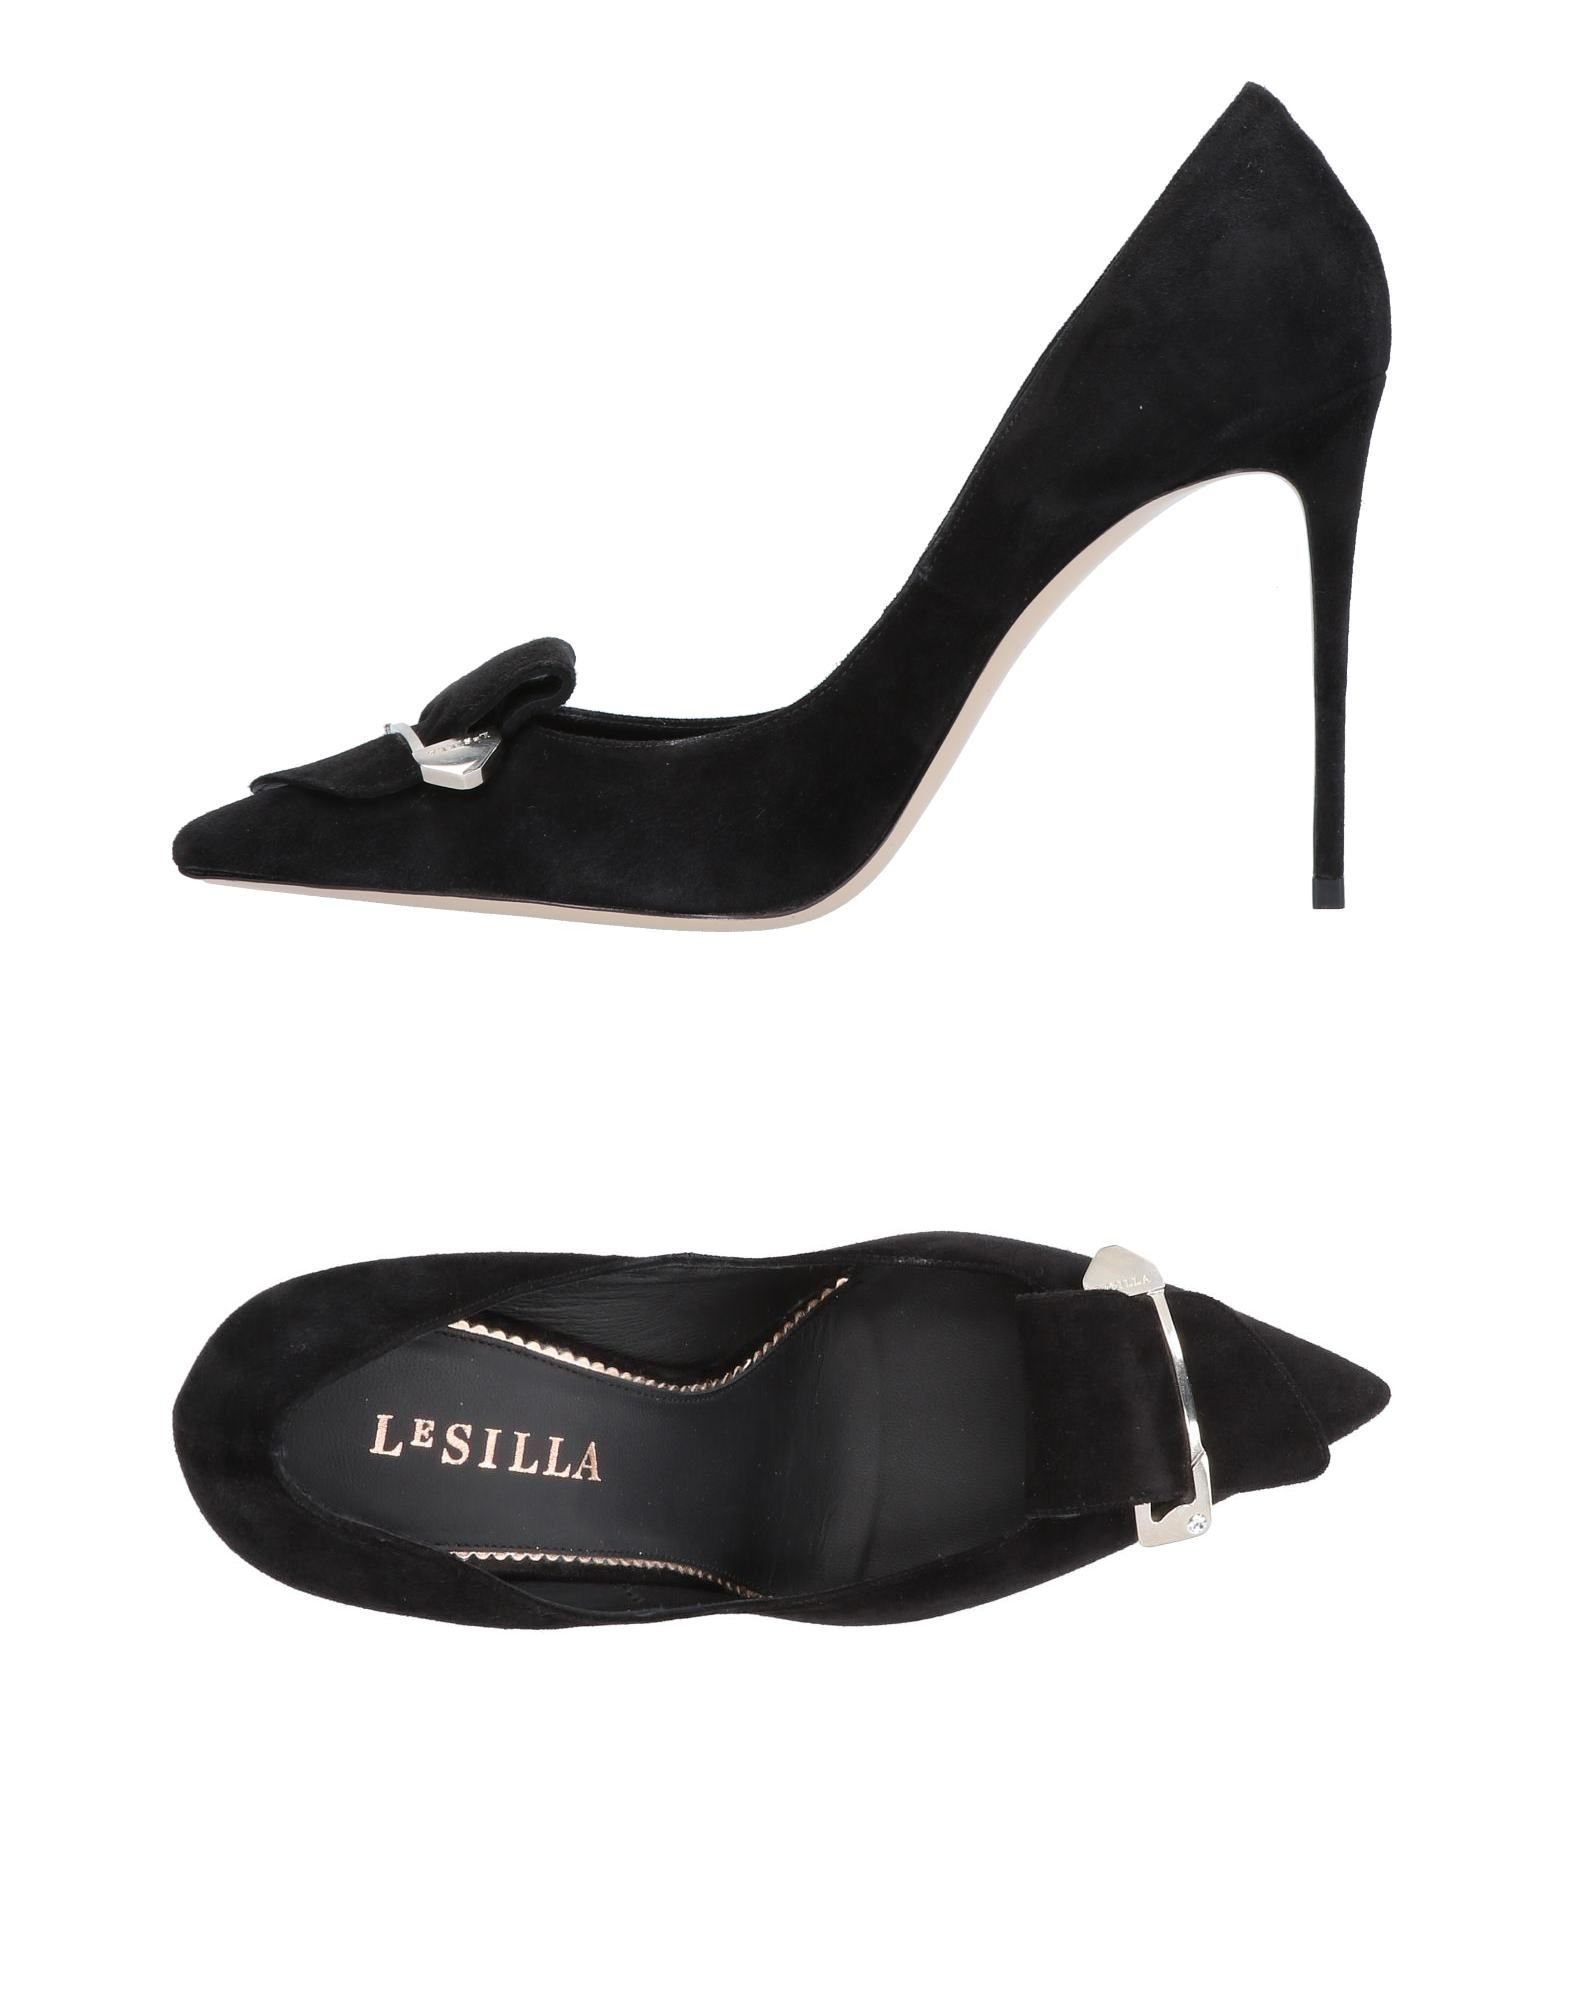 Le Damen Silla Pumps Damen Le  11486058LS Beliebte Schuhe b6b206